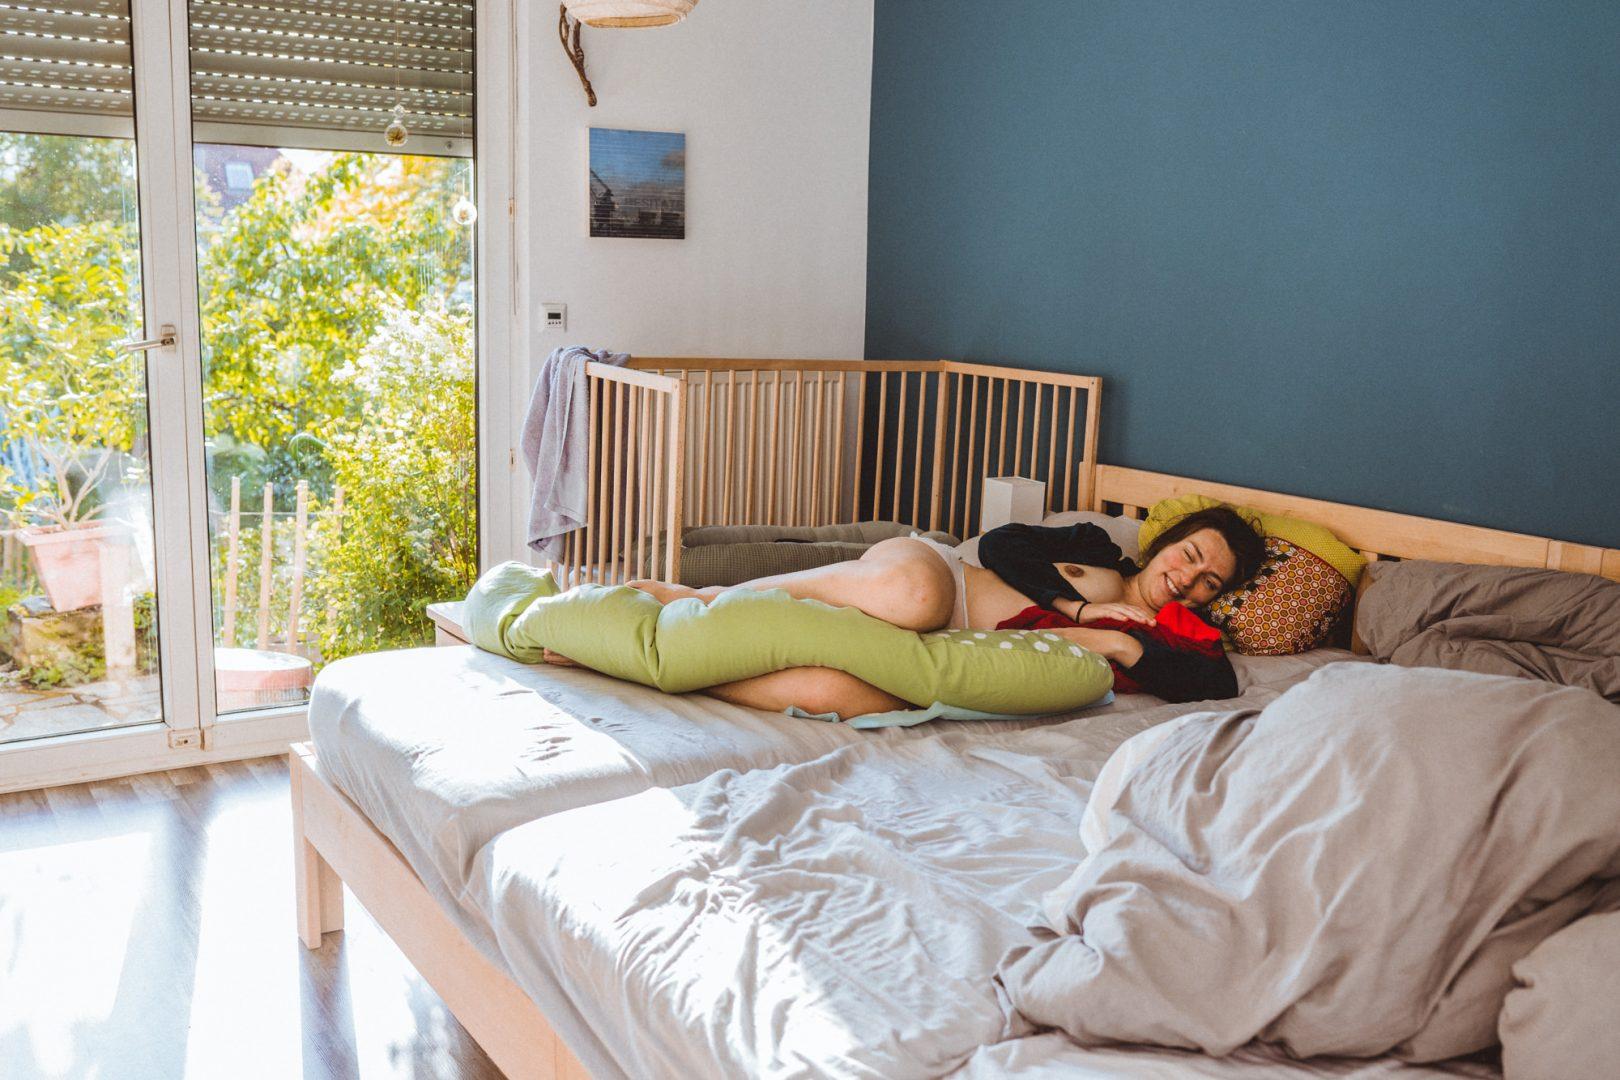 Wochenbett nach Hausgeburt